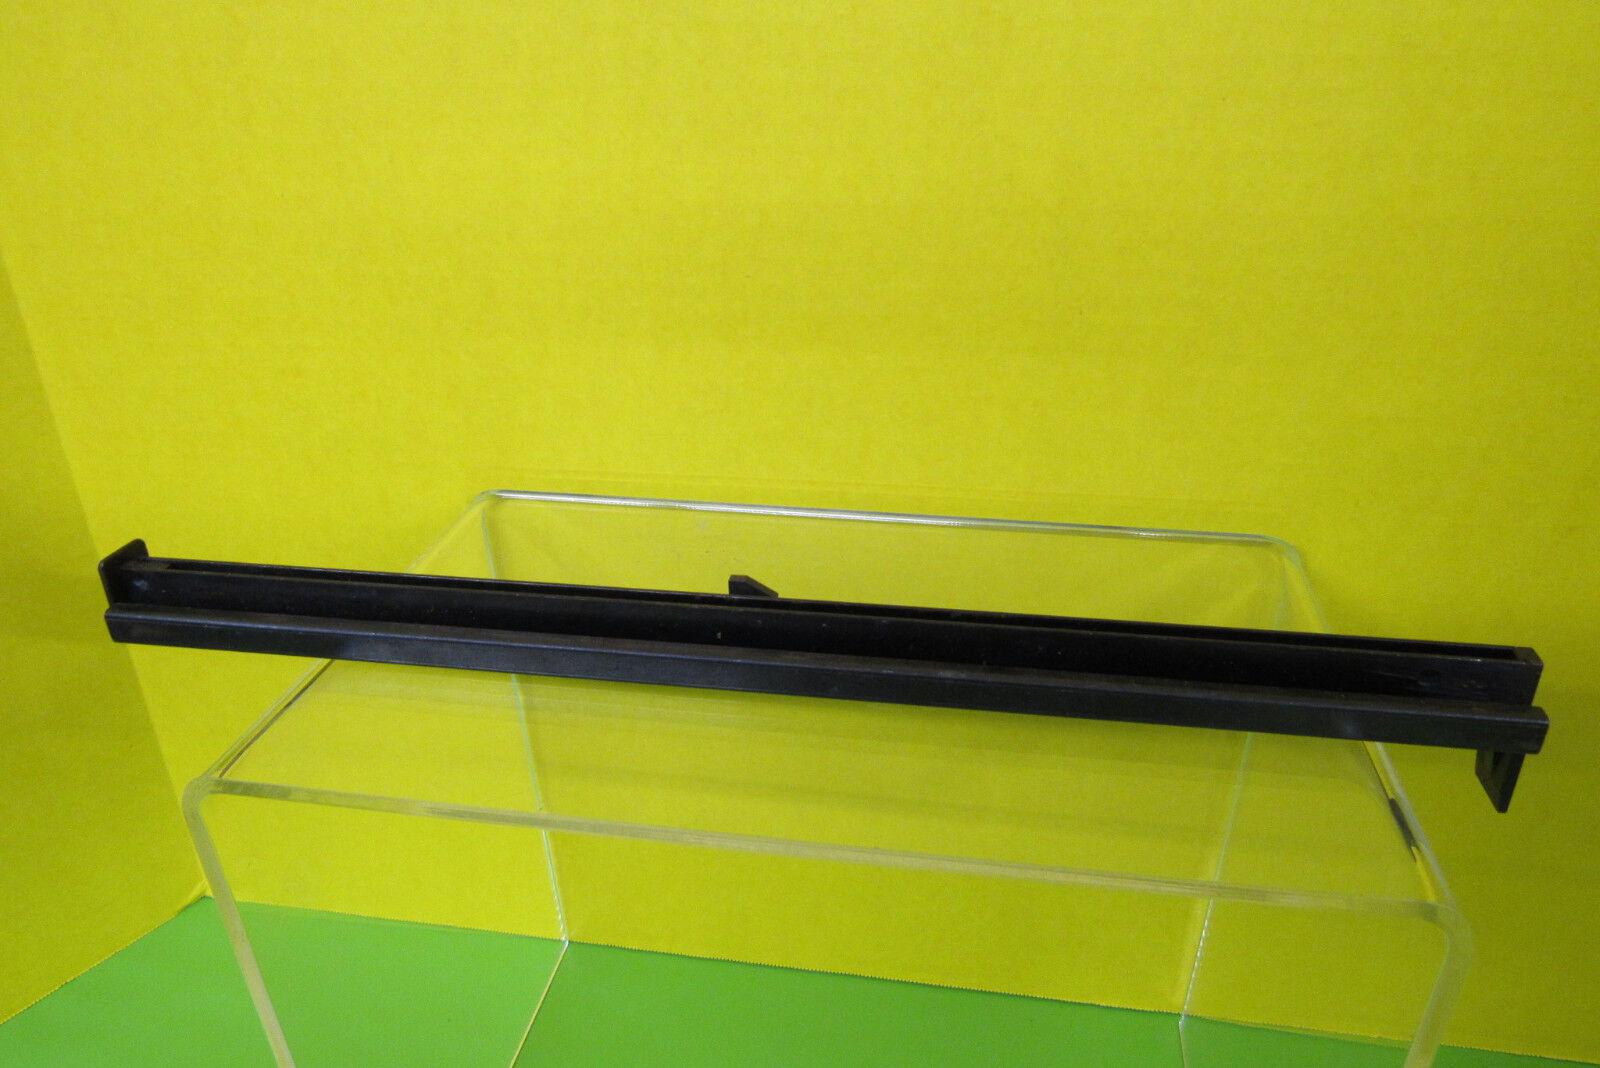 BEA 2040005121 Double Length Magazine for 71 16-401 Series Stapler (6GDA)